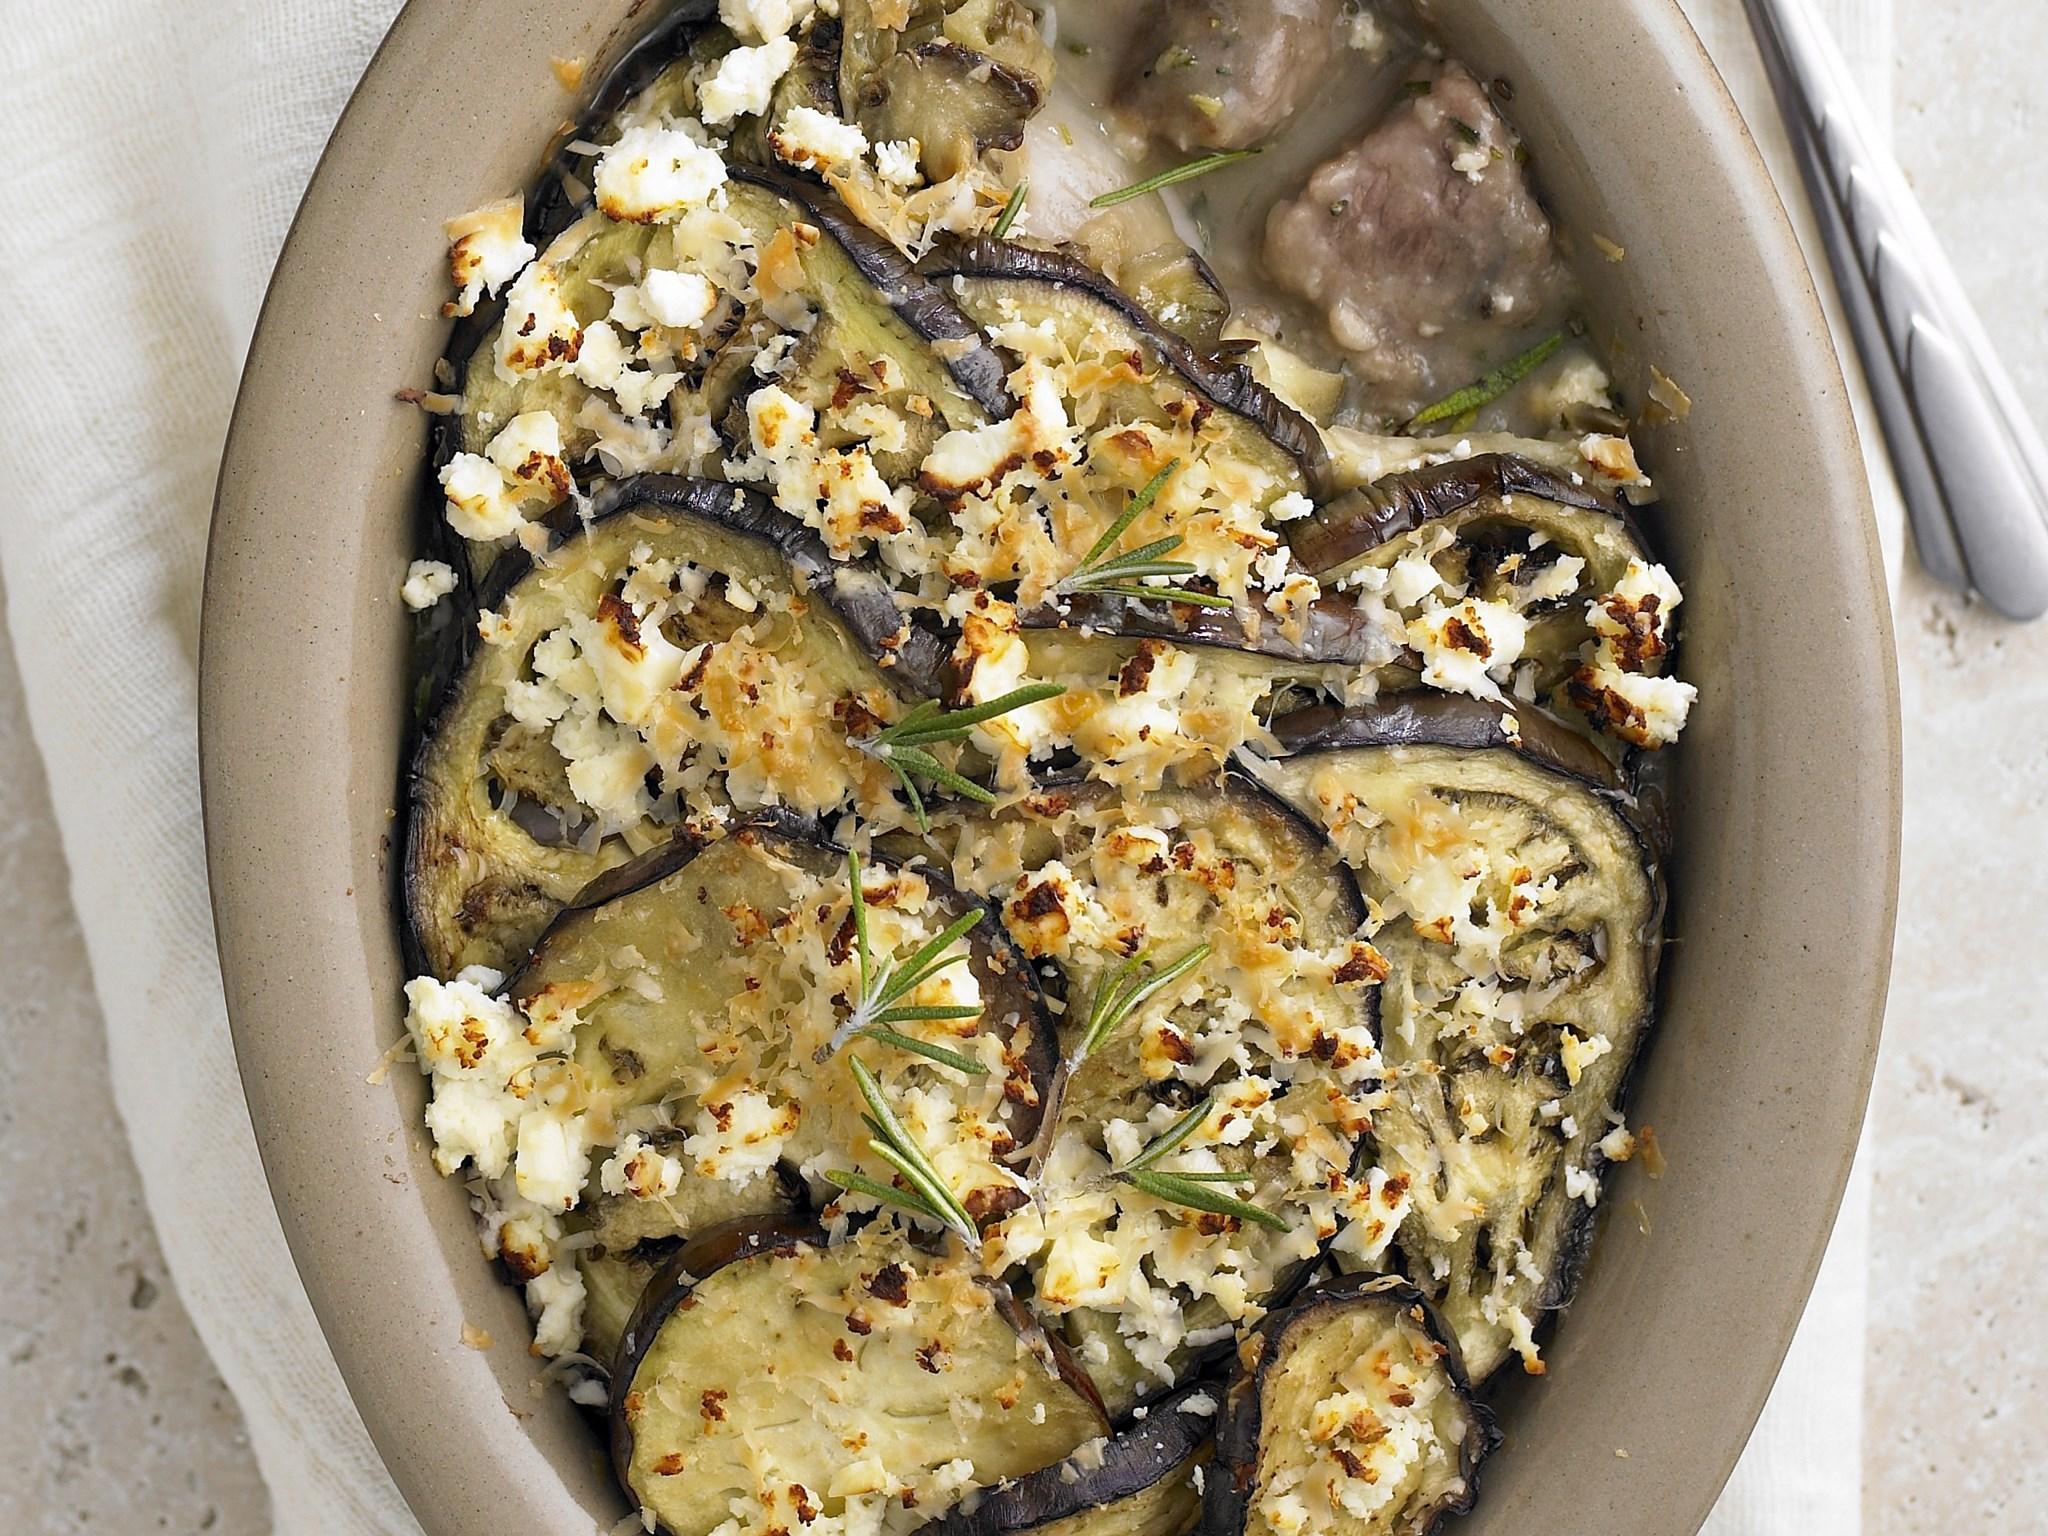 Lamb, feta and eggplant casserole recipe | FOOD TO LOVE